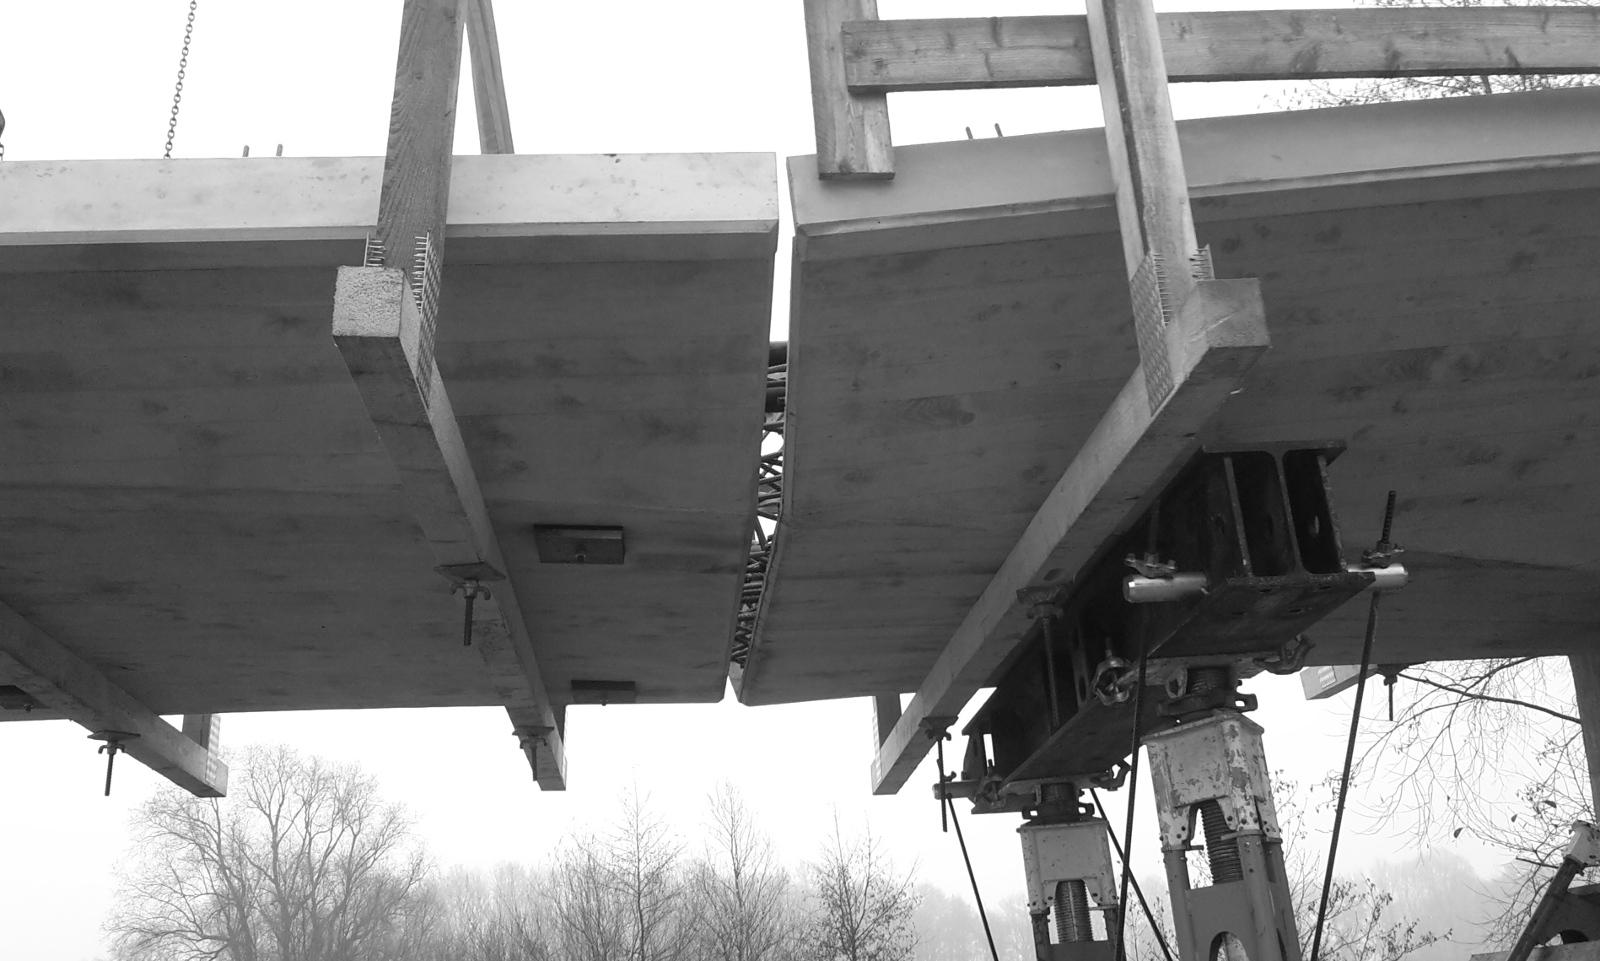 Ersatzneubau der Muldebrücke in Wernsdorf